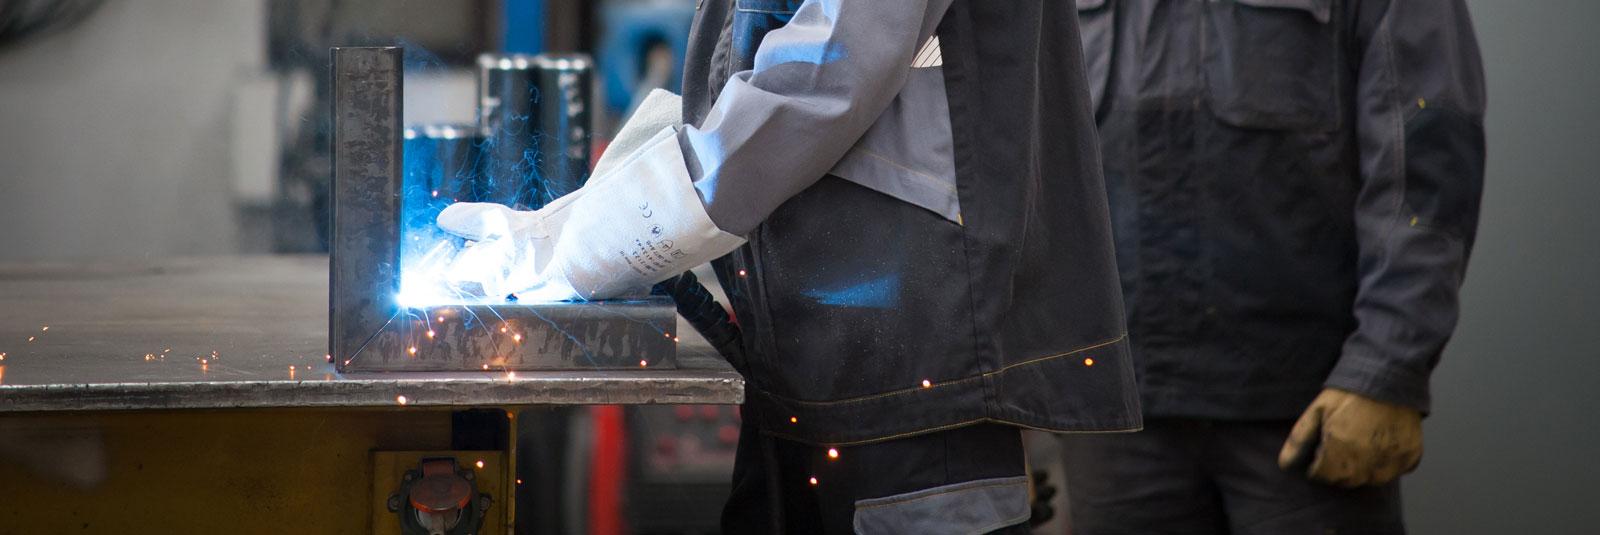 Un homme regarde un soudeur portant des gants de protection et un bleu de travail.